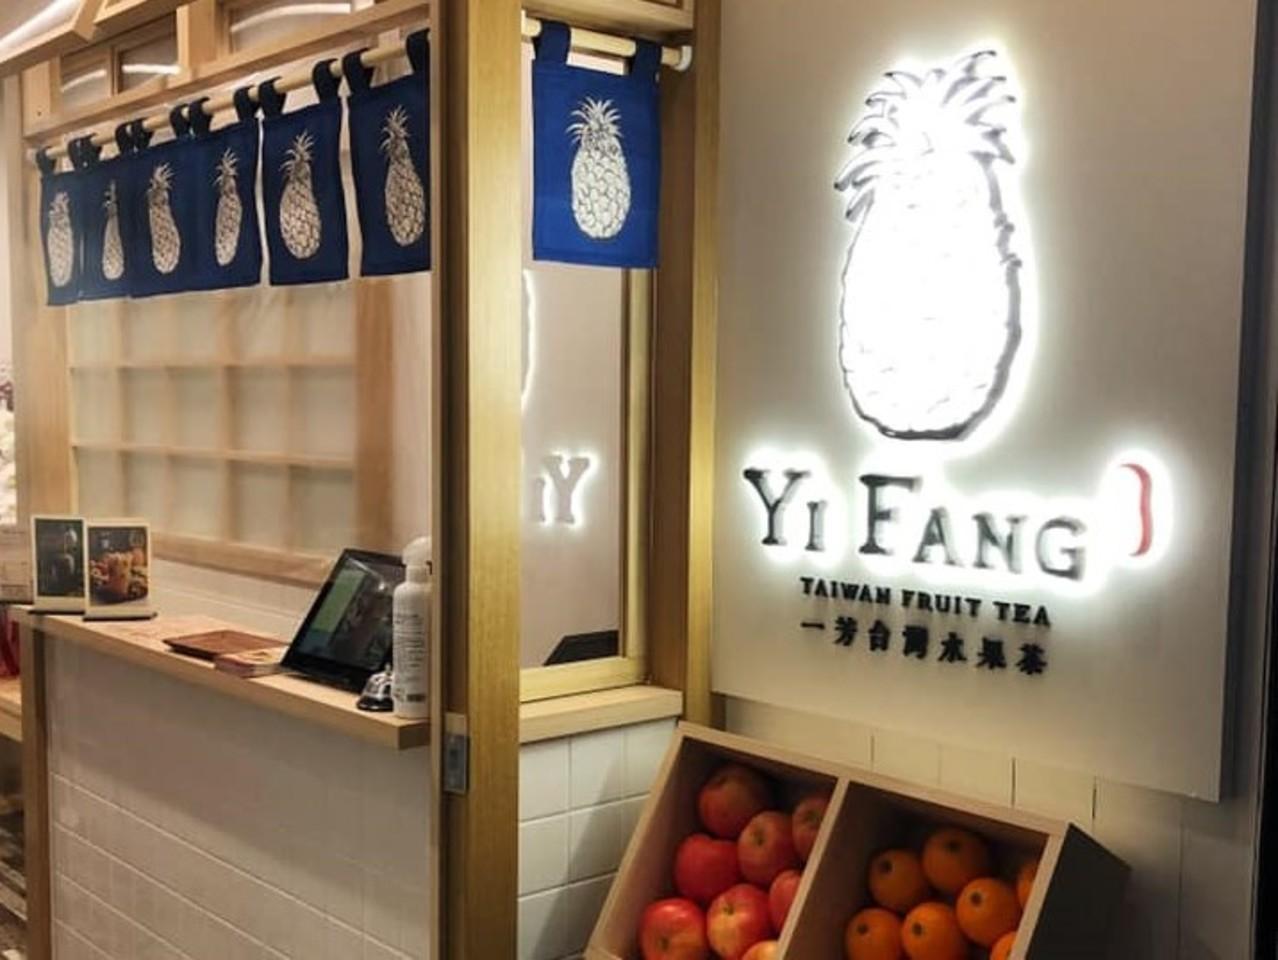 東京都新宿区高田馬場4丁目に「一芳水果茶·高田馬場店」が昨日グランドオープンされたようです。